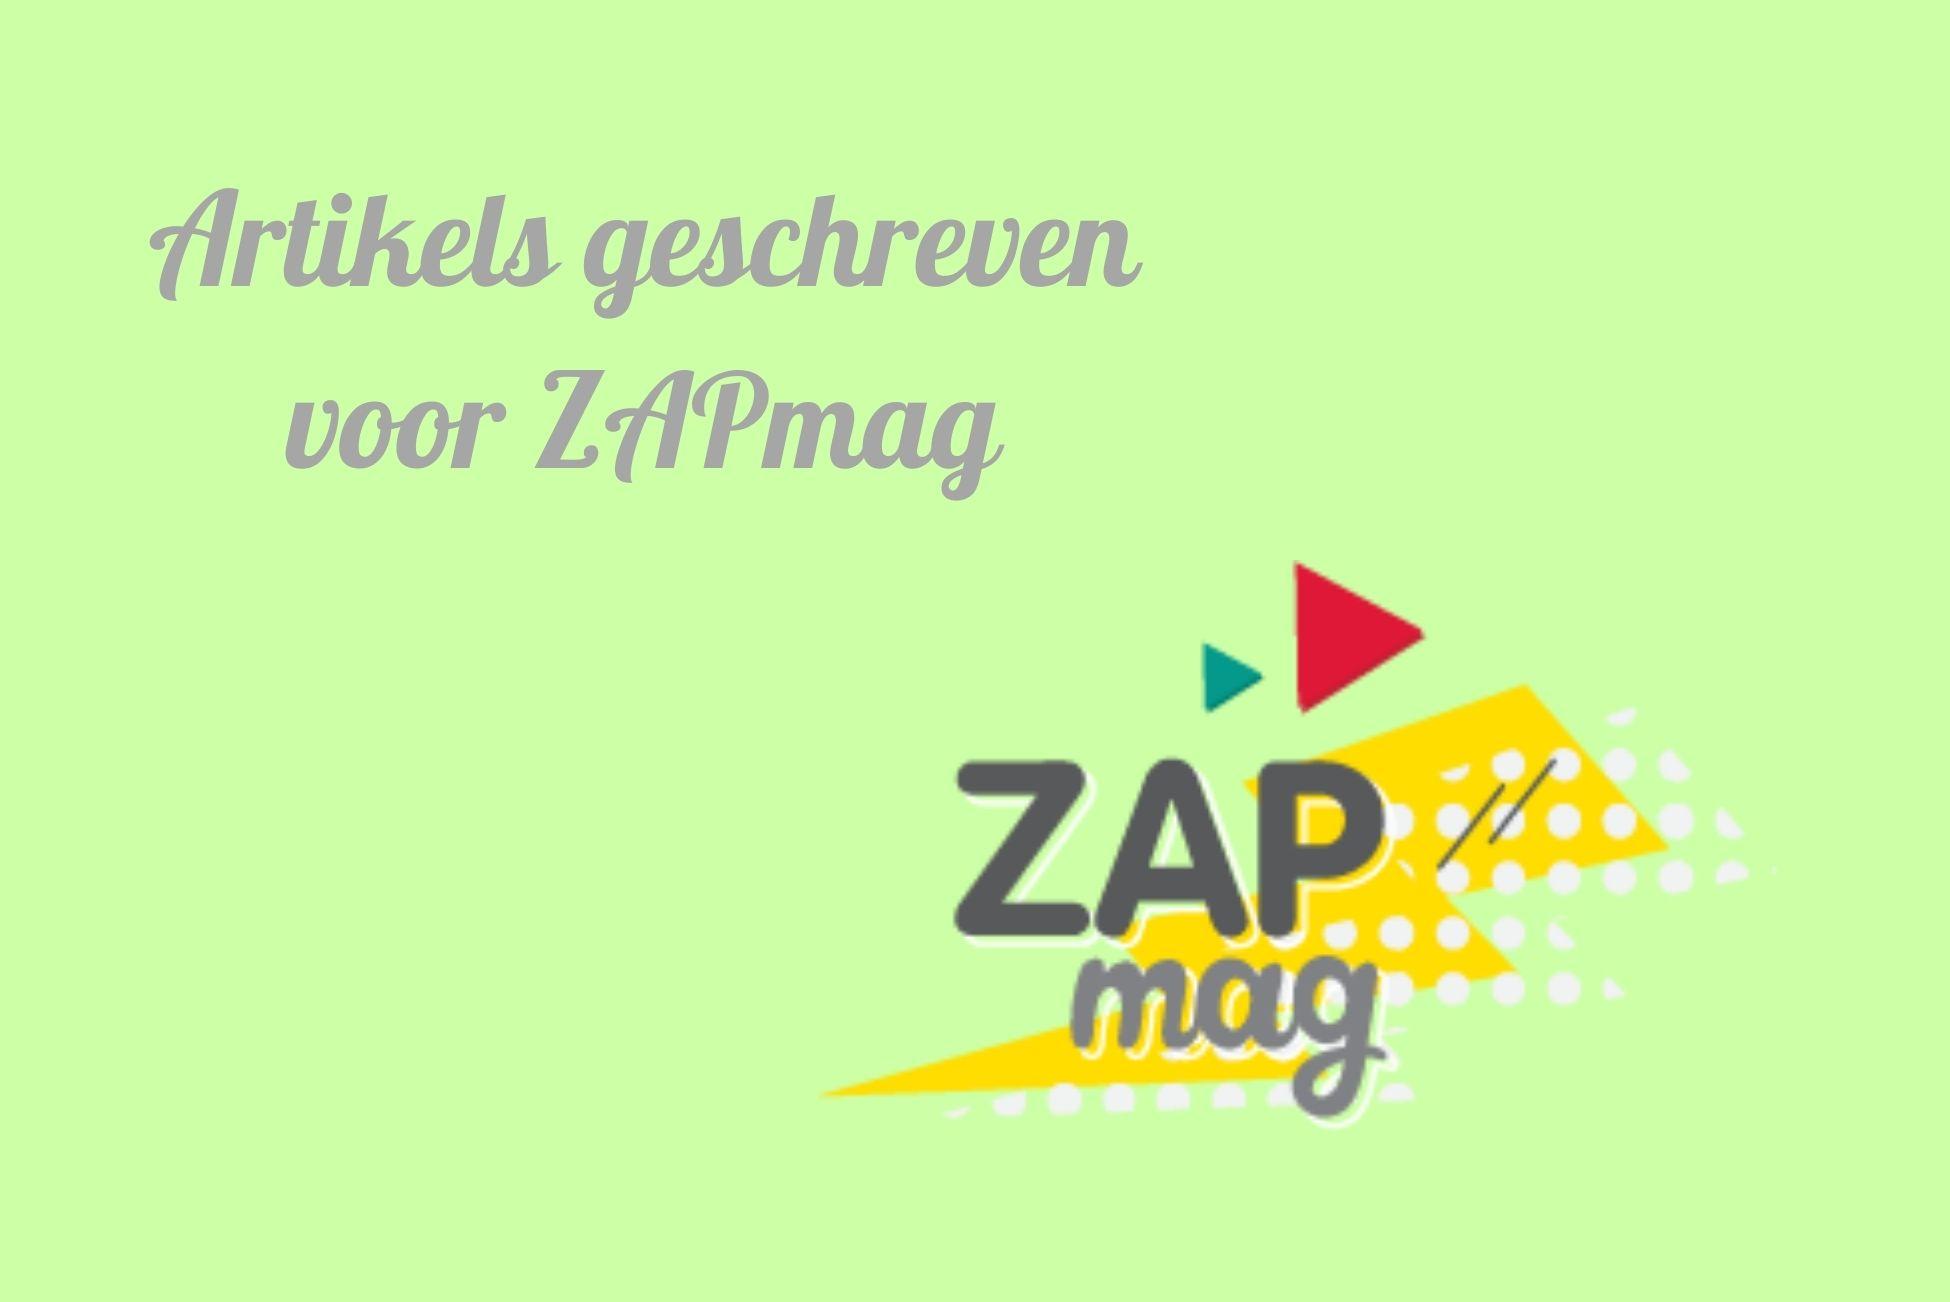 Artikels geschreven voor ZAPmag